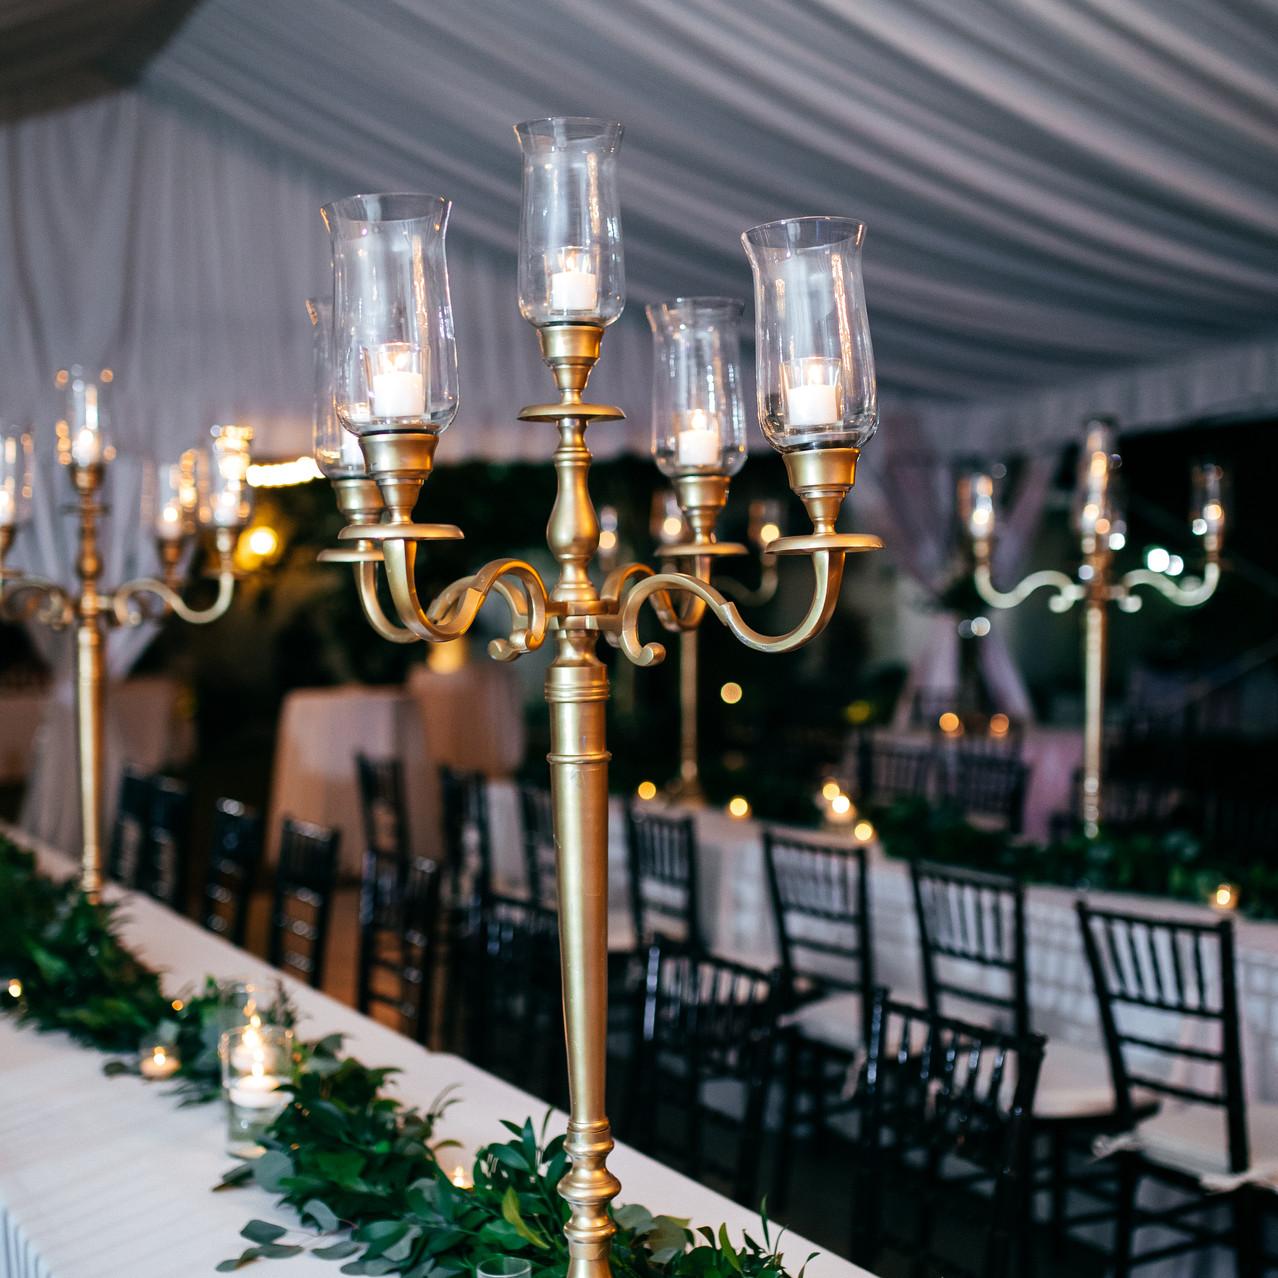 TaylorStewart-Wedding-Details-21